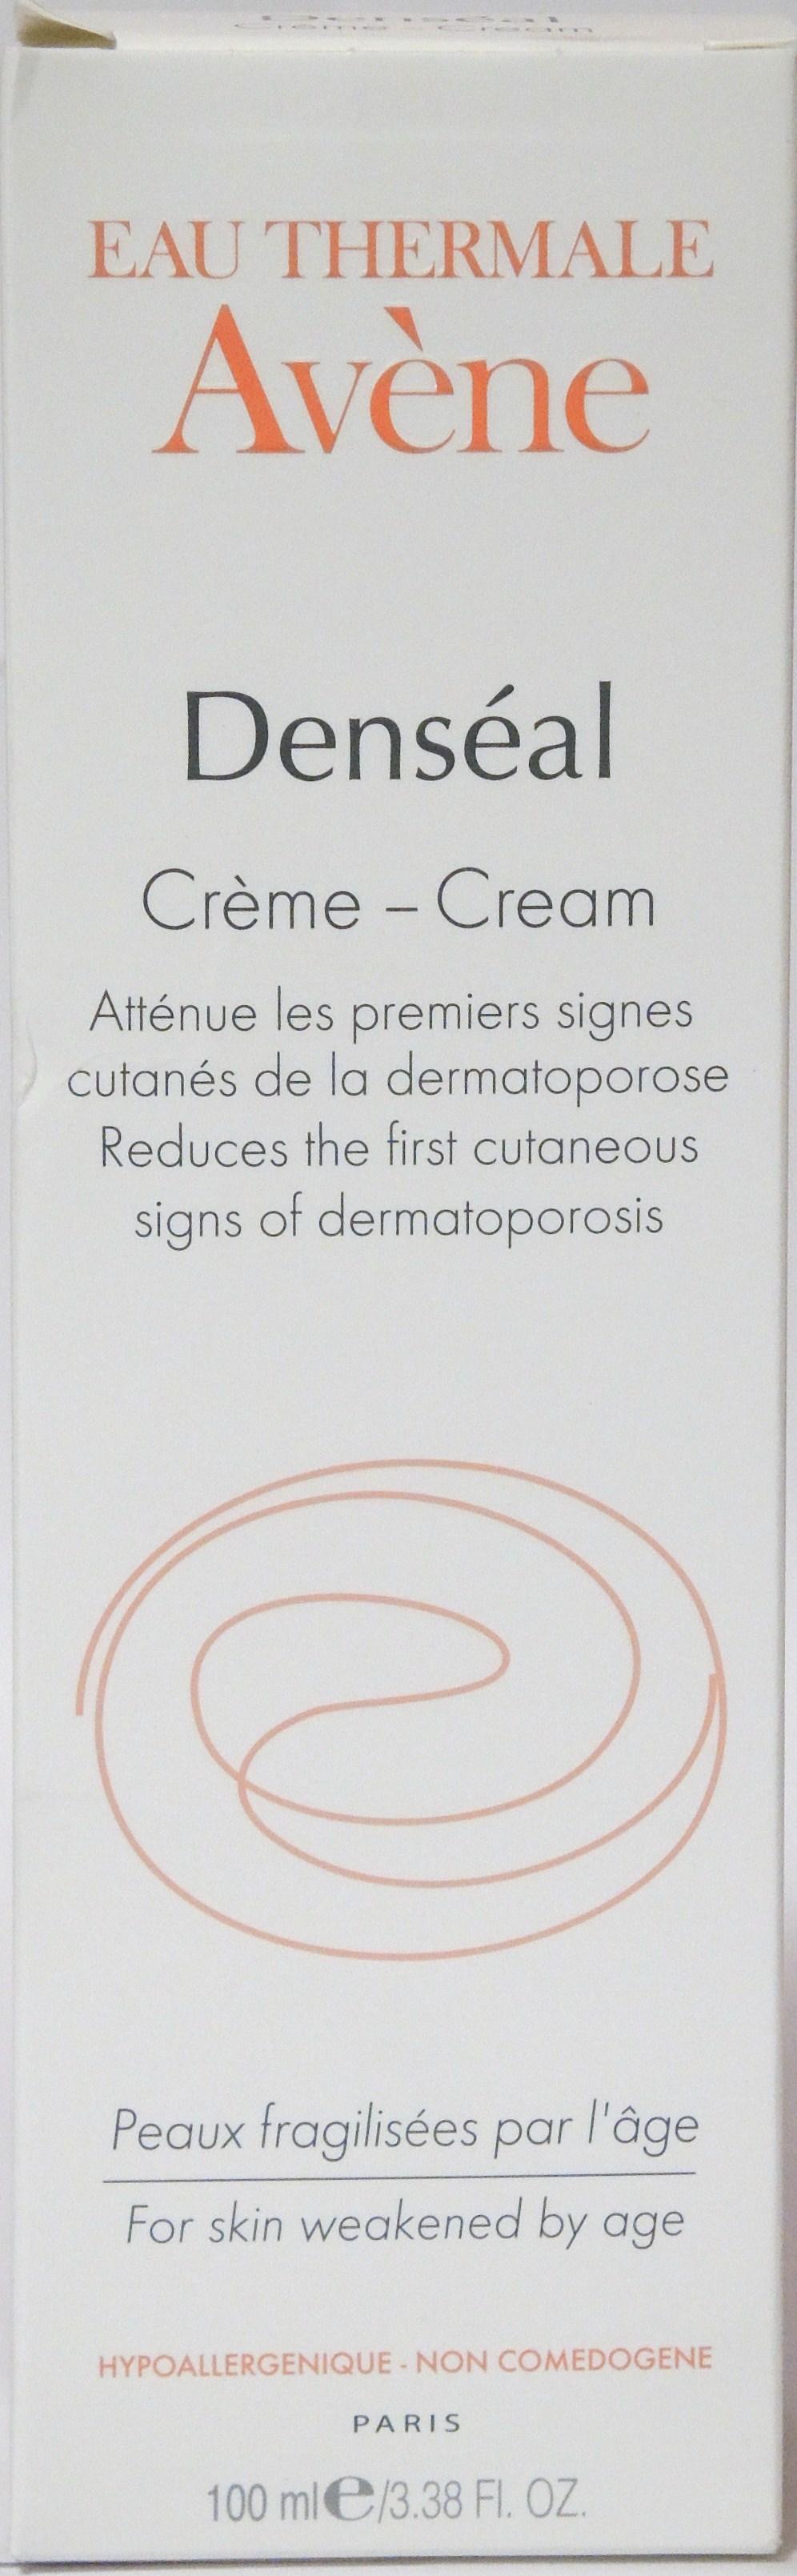 Avene - Denseal creme - 100 ml Avene 9652224 : Pharmacie